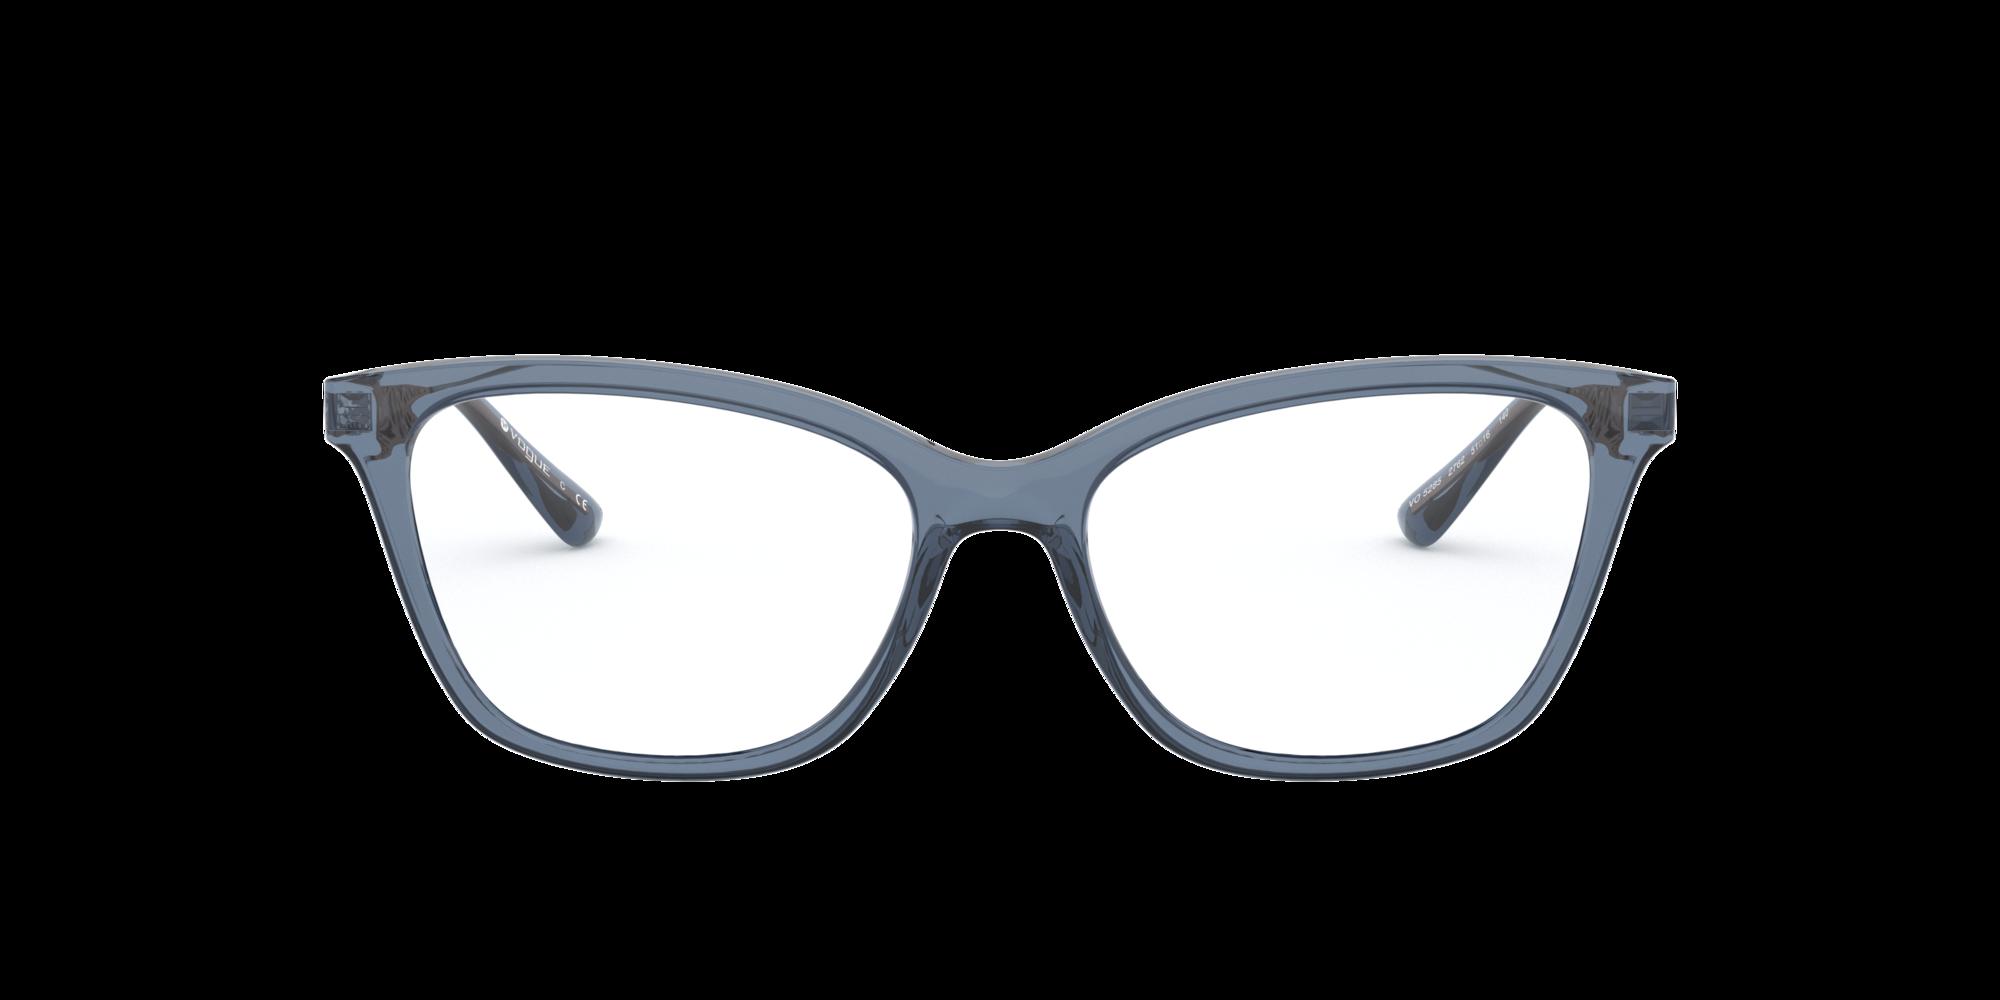 Imagen para VO5285 de LensCrafters |  Espejuelos, espejuelos graduados en línea, gafas